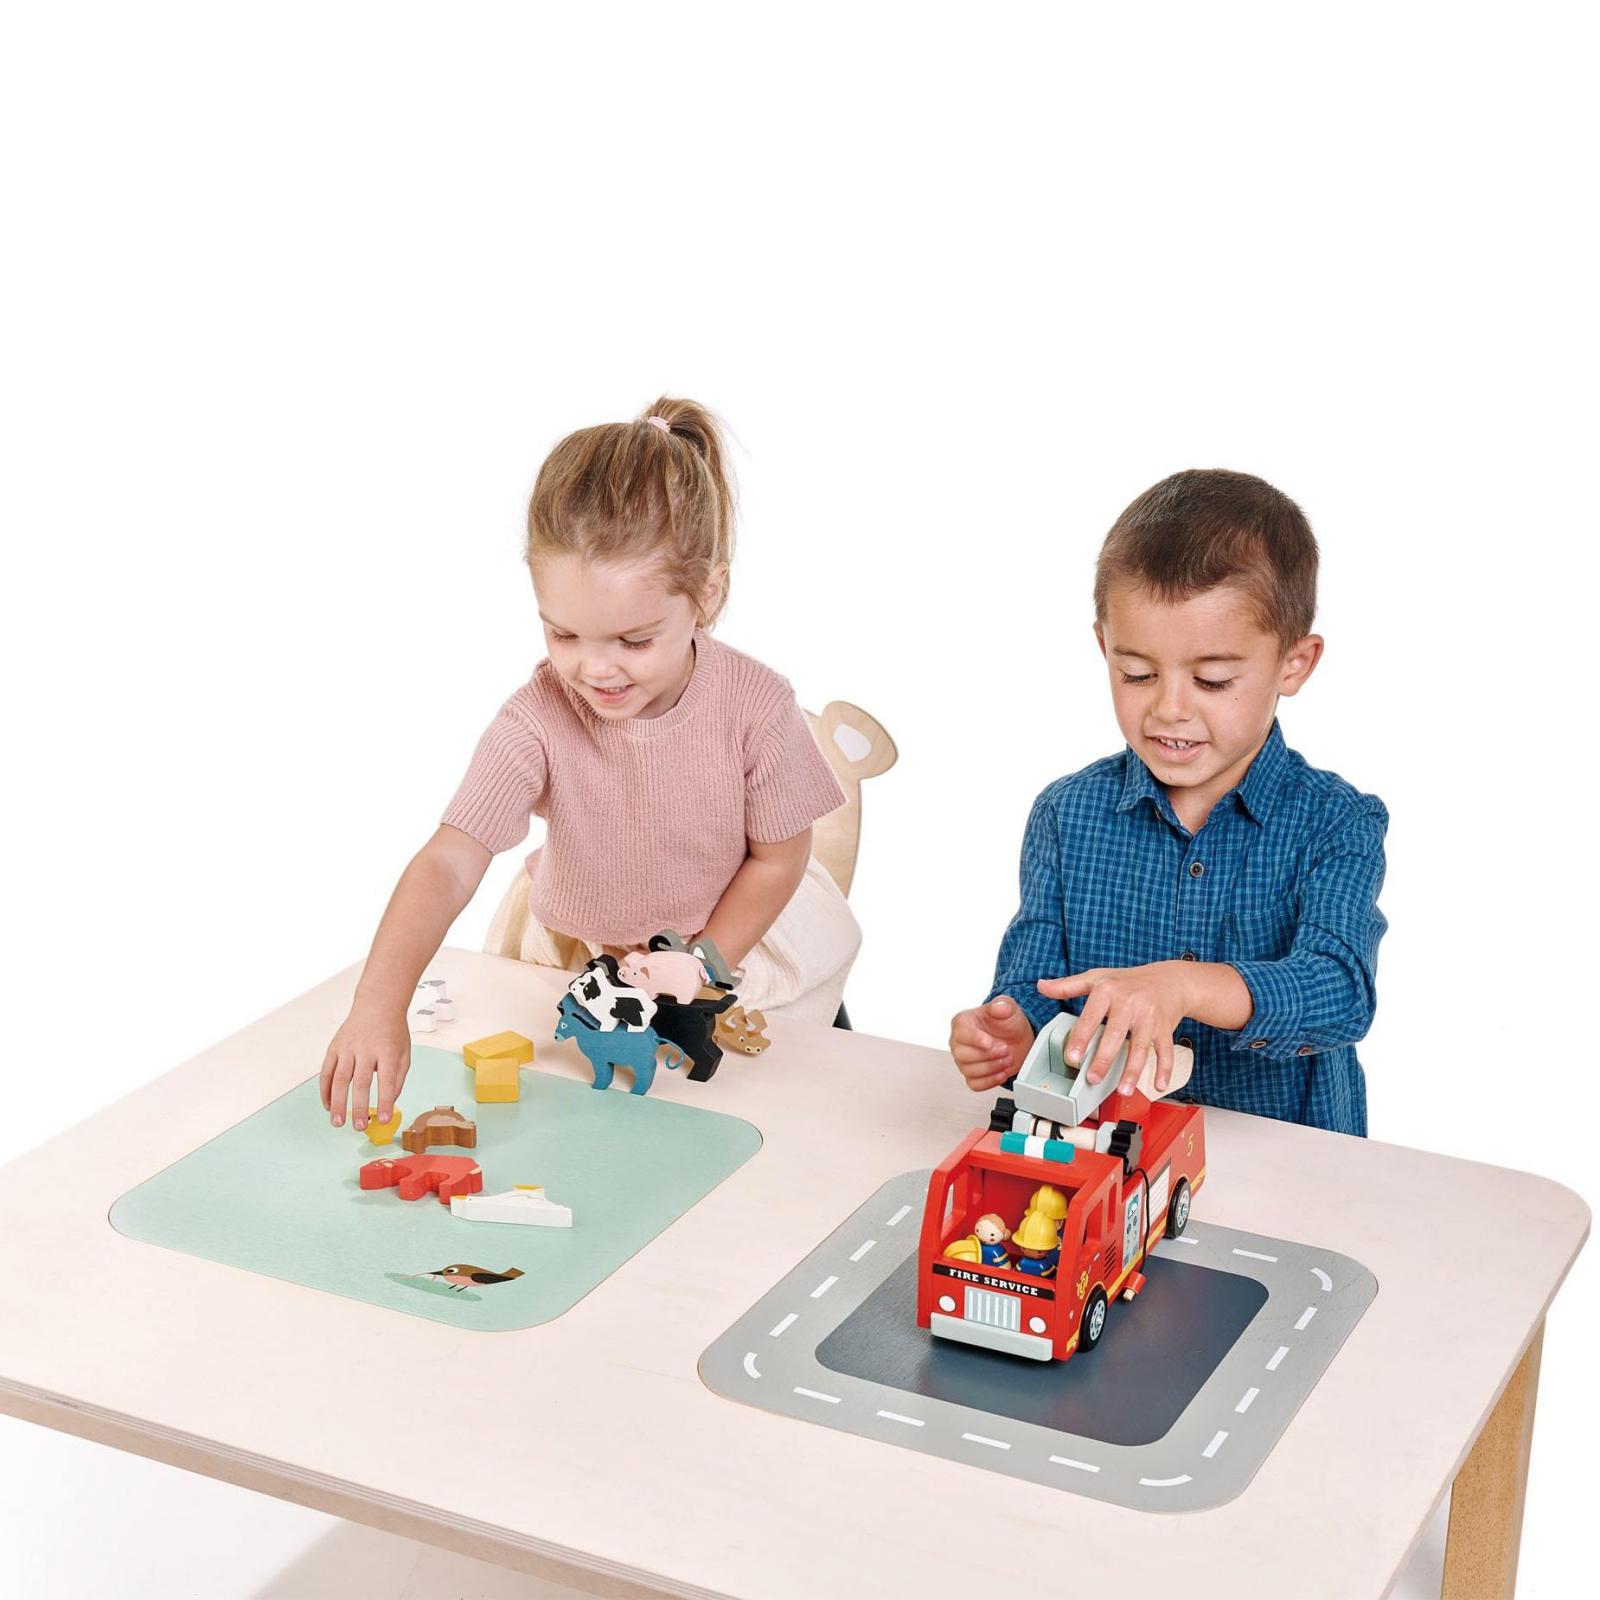 Masuta de joaca pentru copii, cu doua zone depozitare jucarii